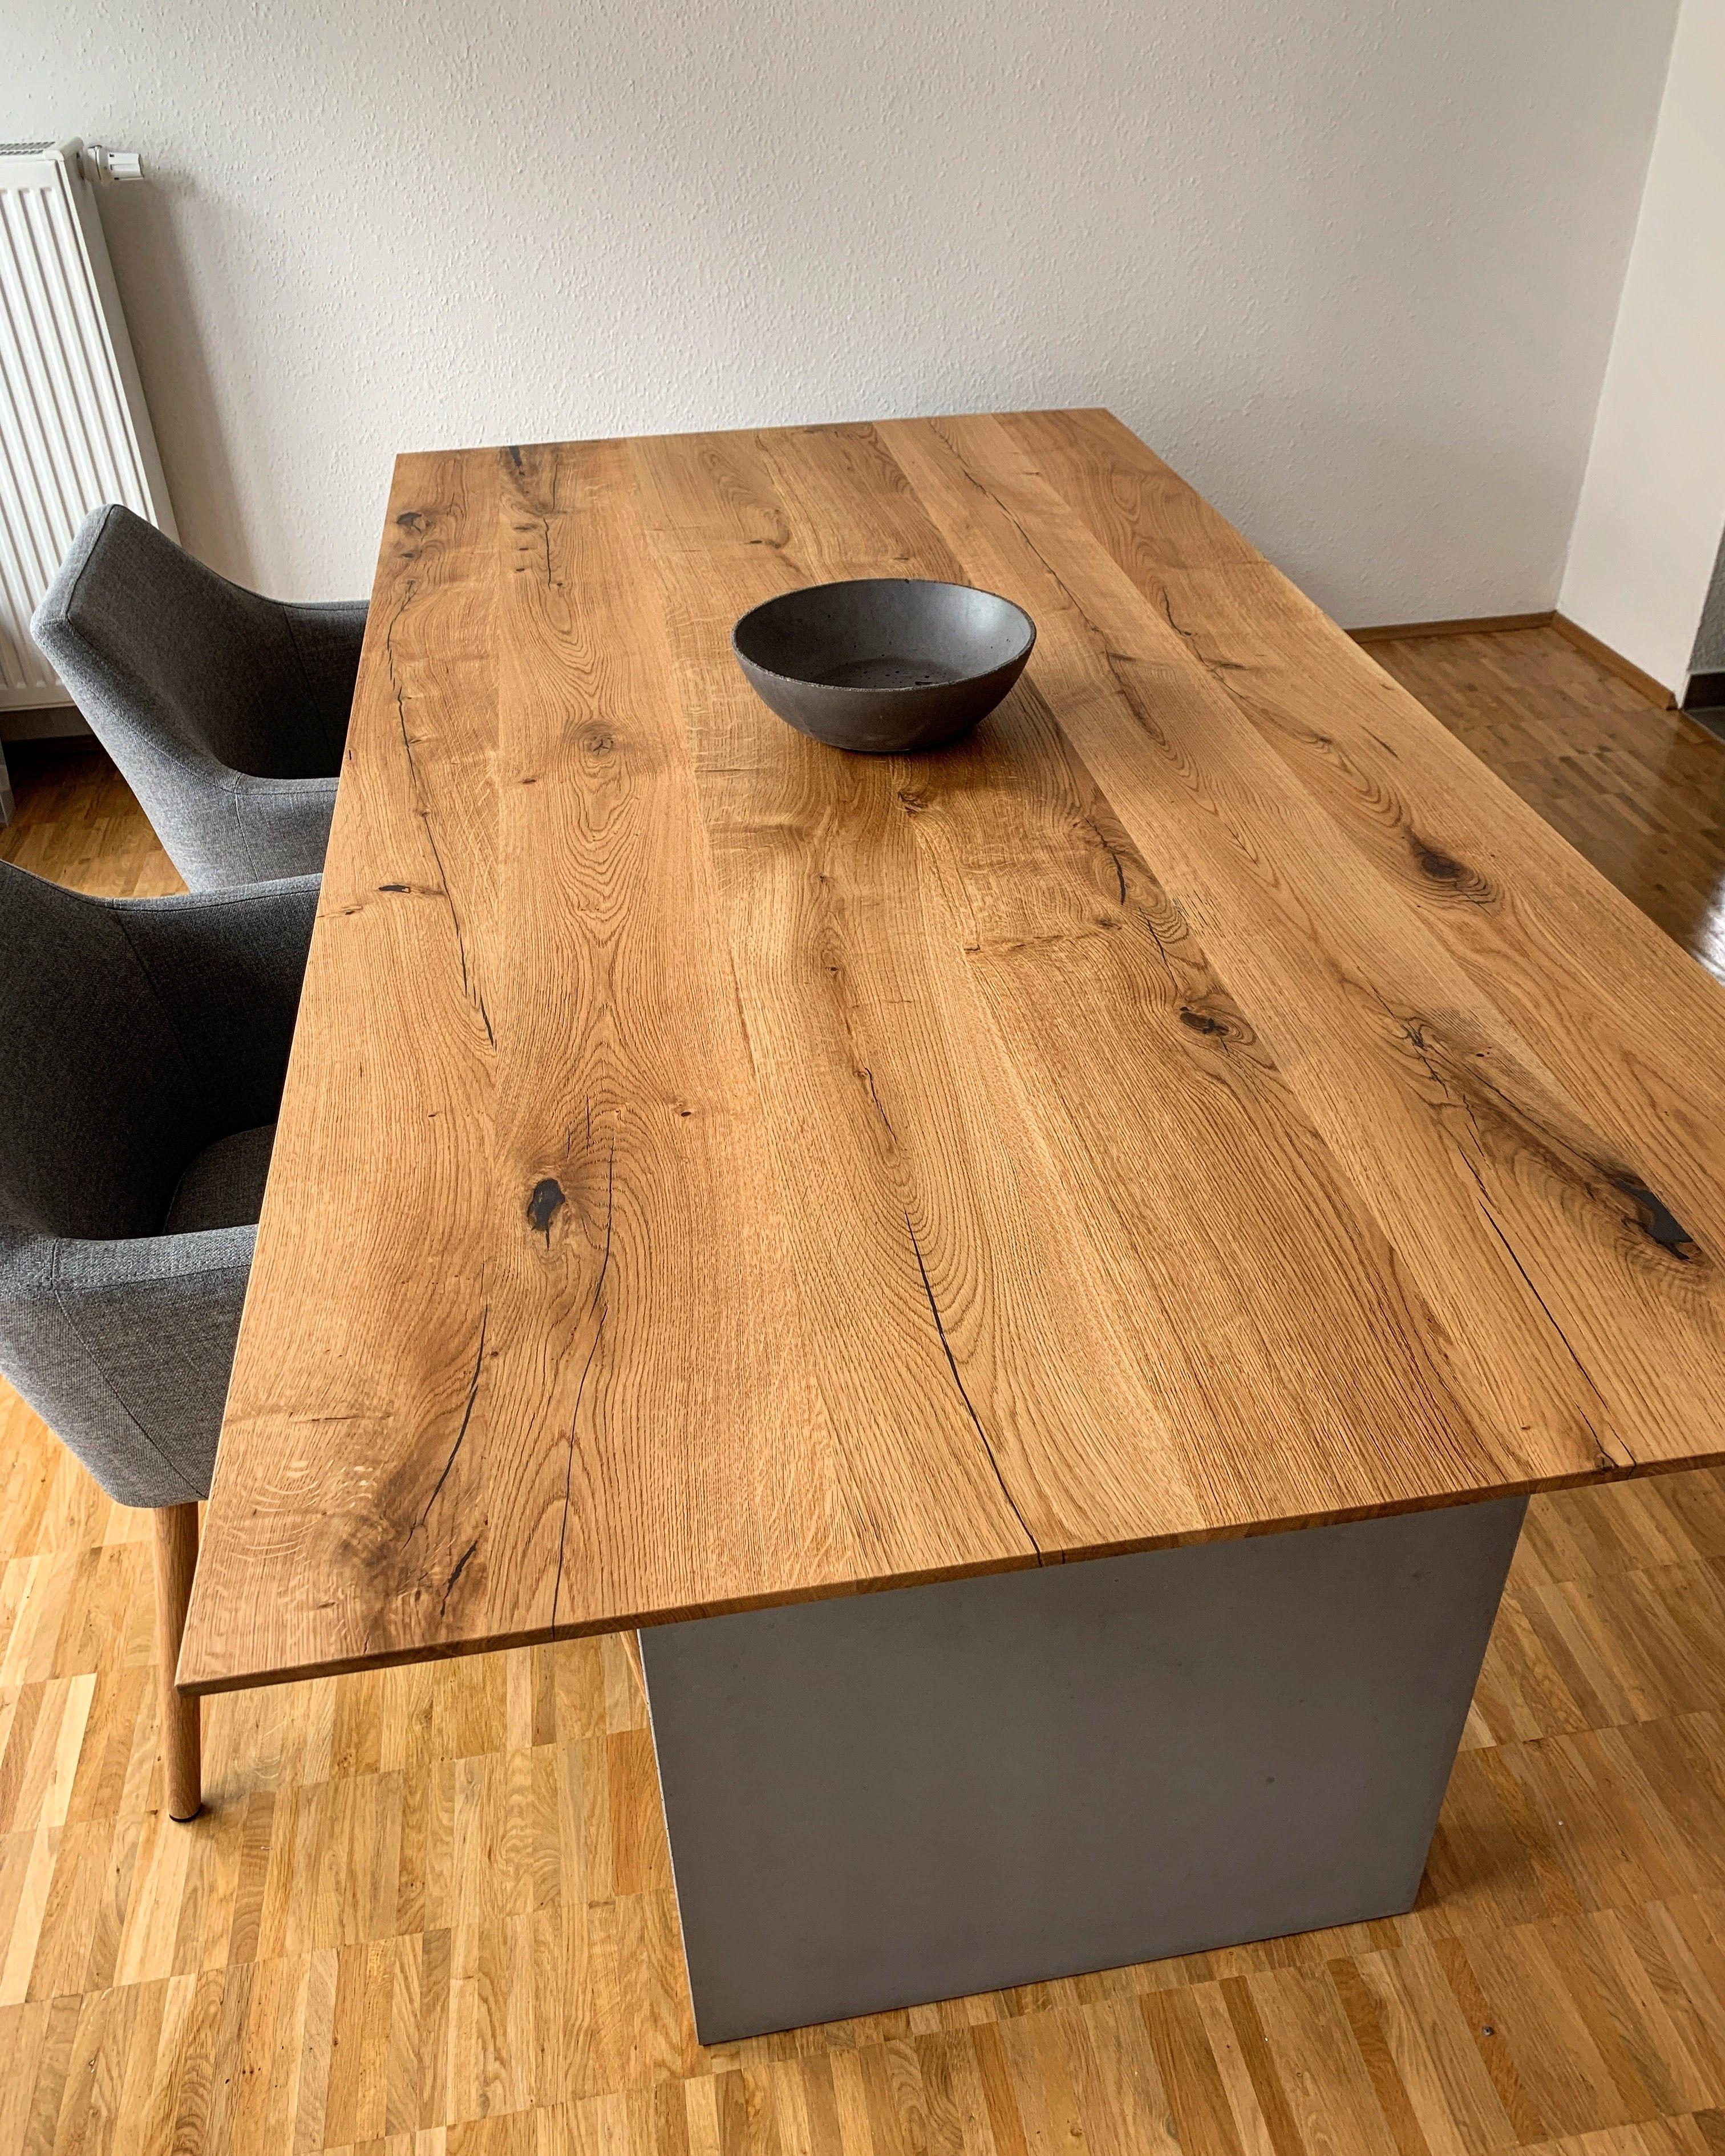 Esstisch In Eiche Und Beton Esstisch Design Tisch Esstisch Modern